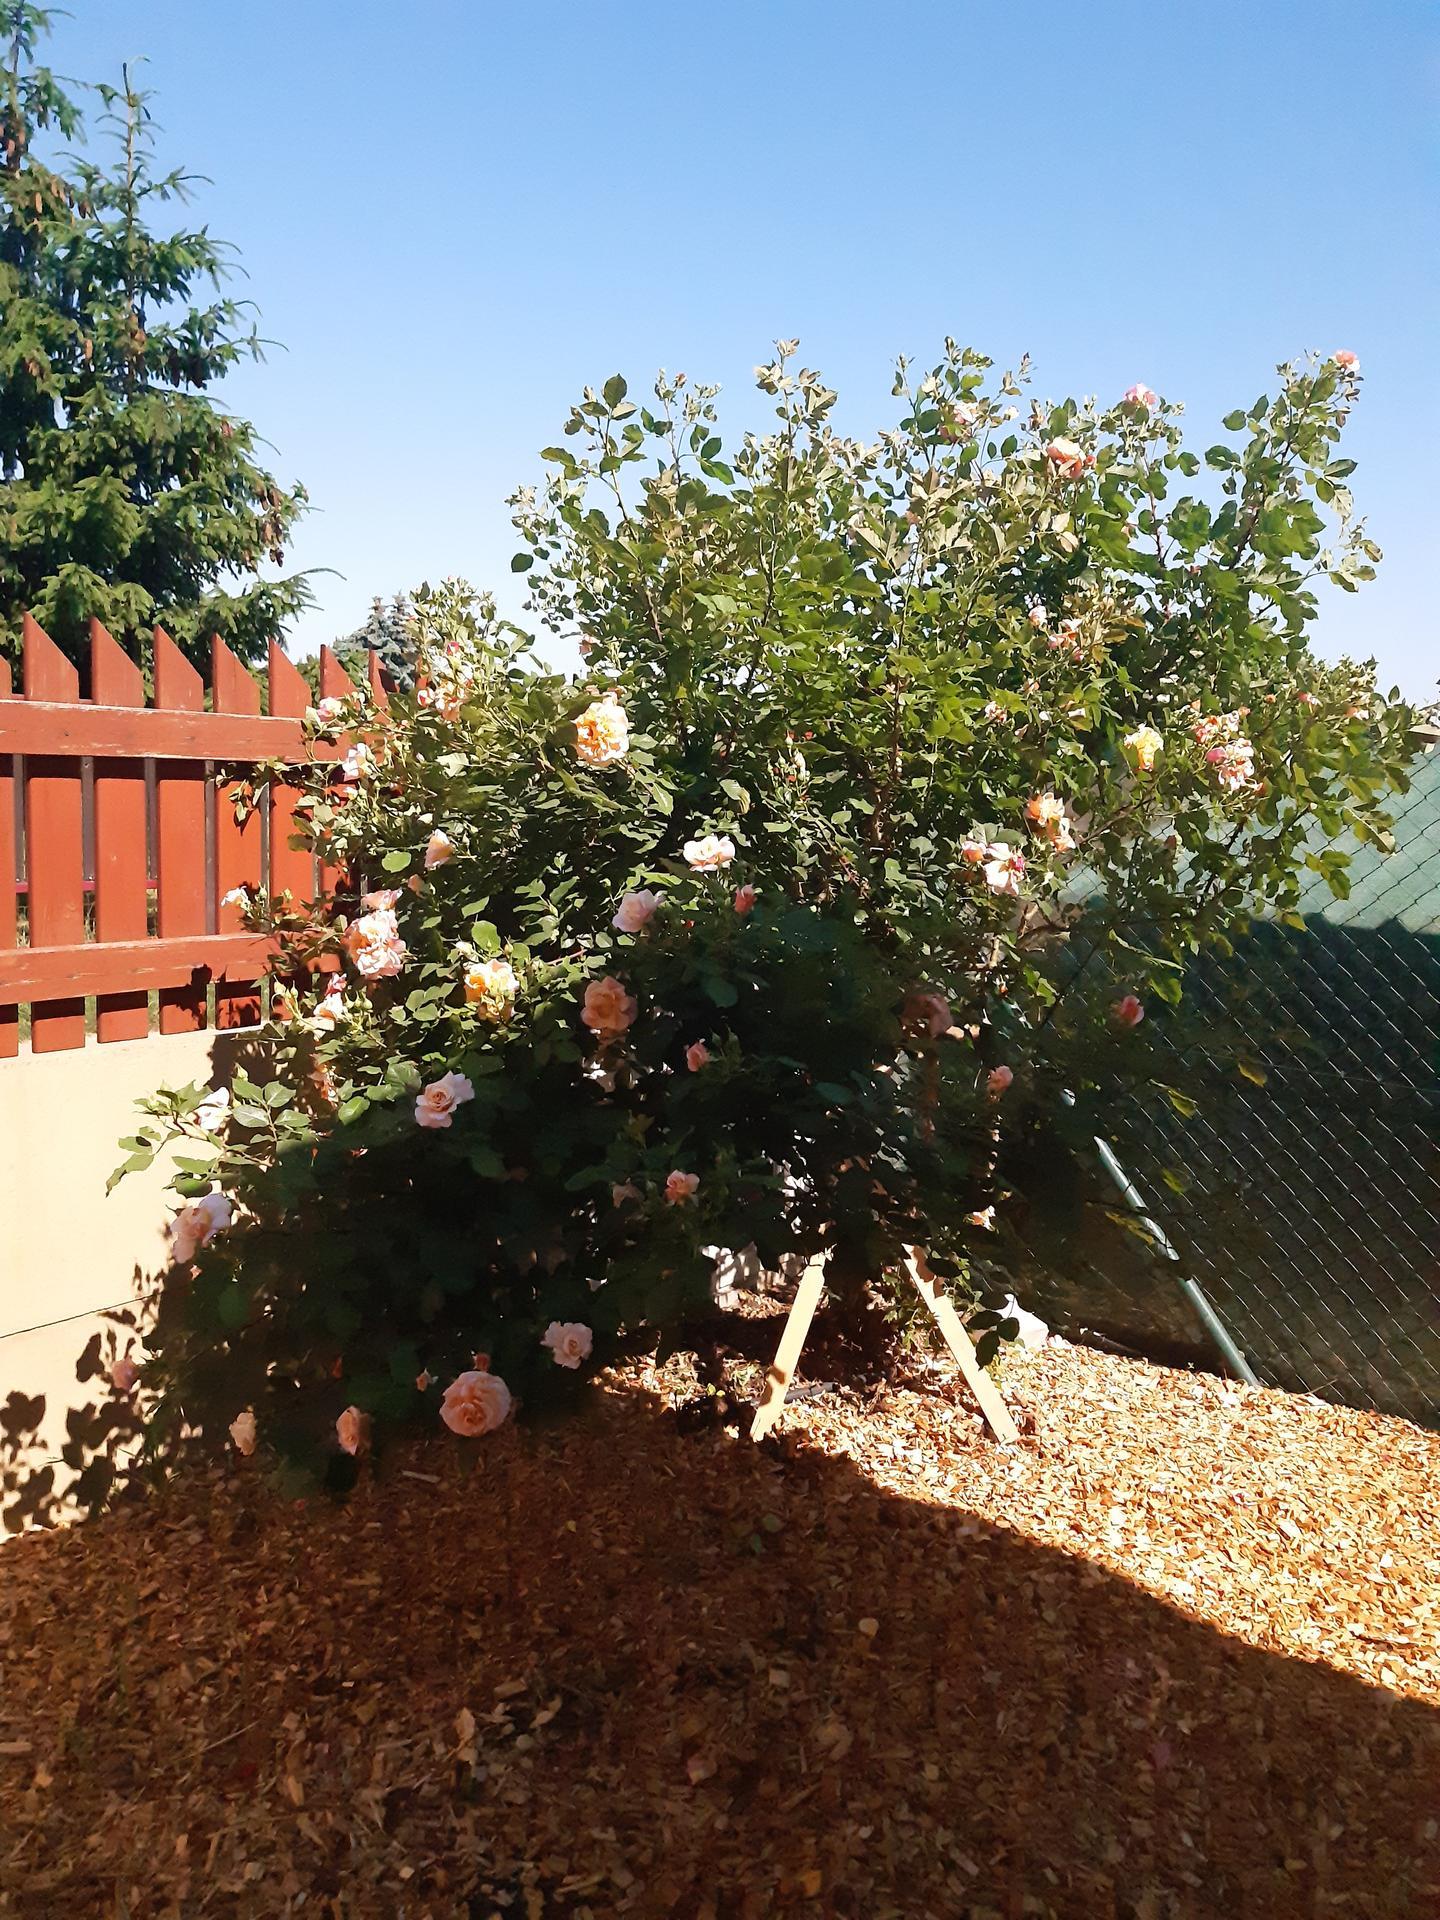 Zahrada 2021 - na jaře jsem jí radikálně stříhla téměř u země, protože nám bourala plot. A co udělá? O dva měsíce později ho začne bourat znova. Takhle růže je u nás jednoznačně nejdivočejší, neudolá jí nic ;-)